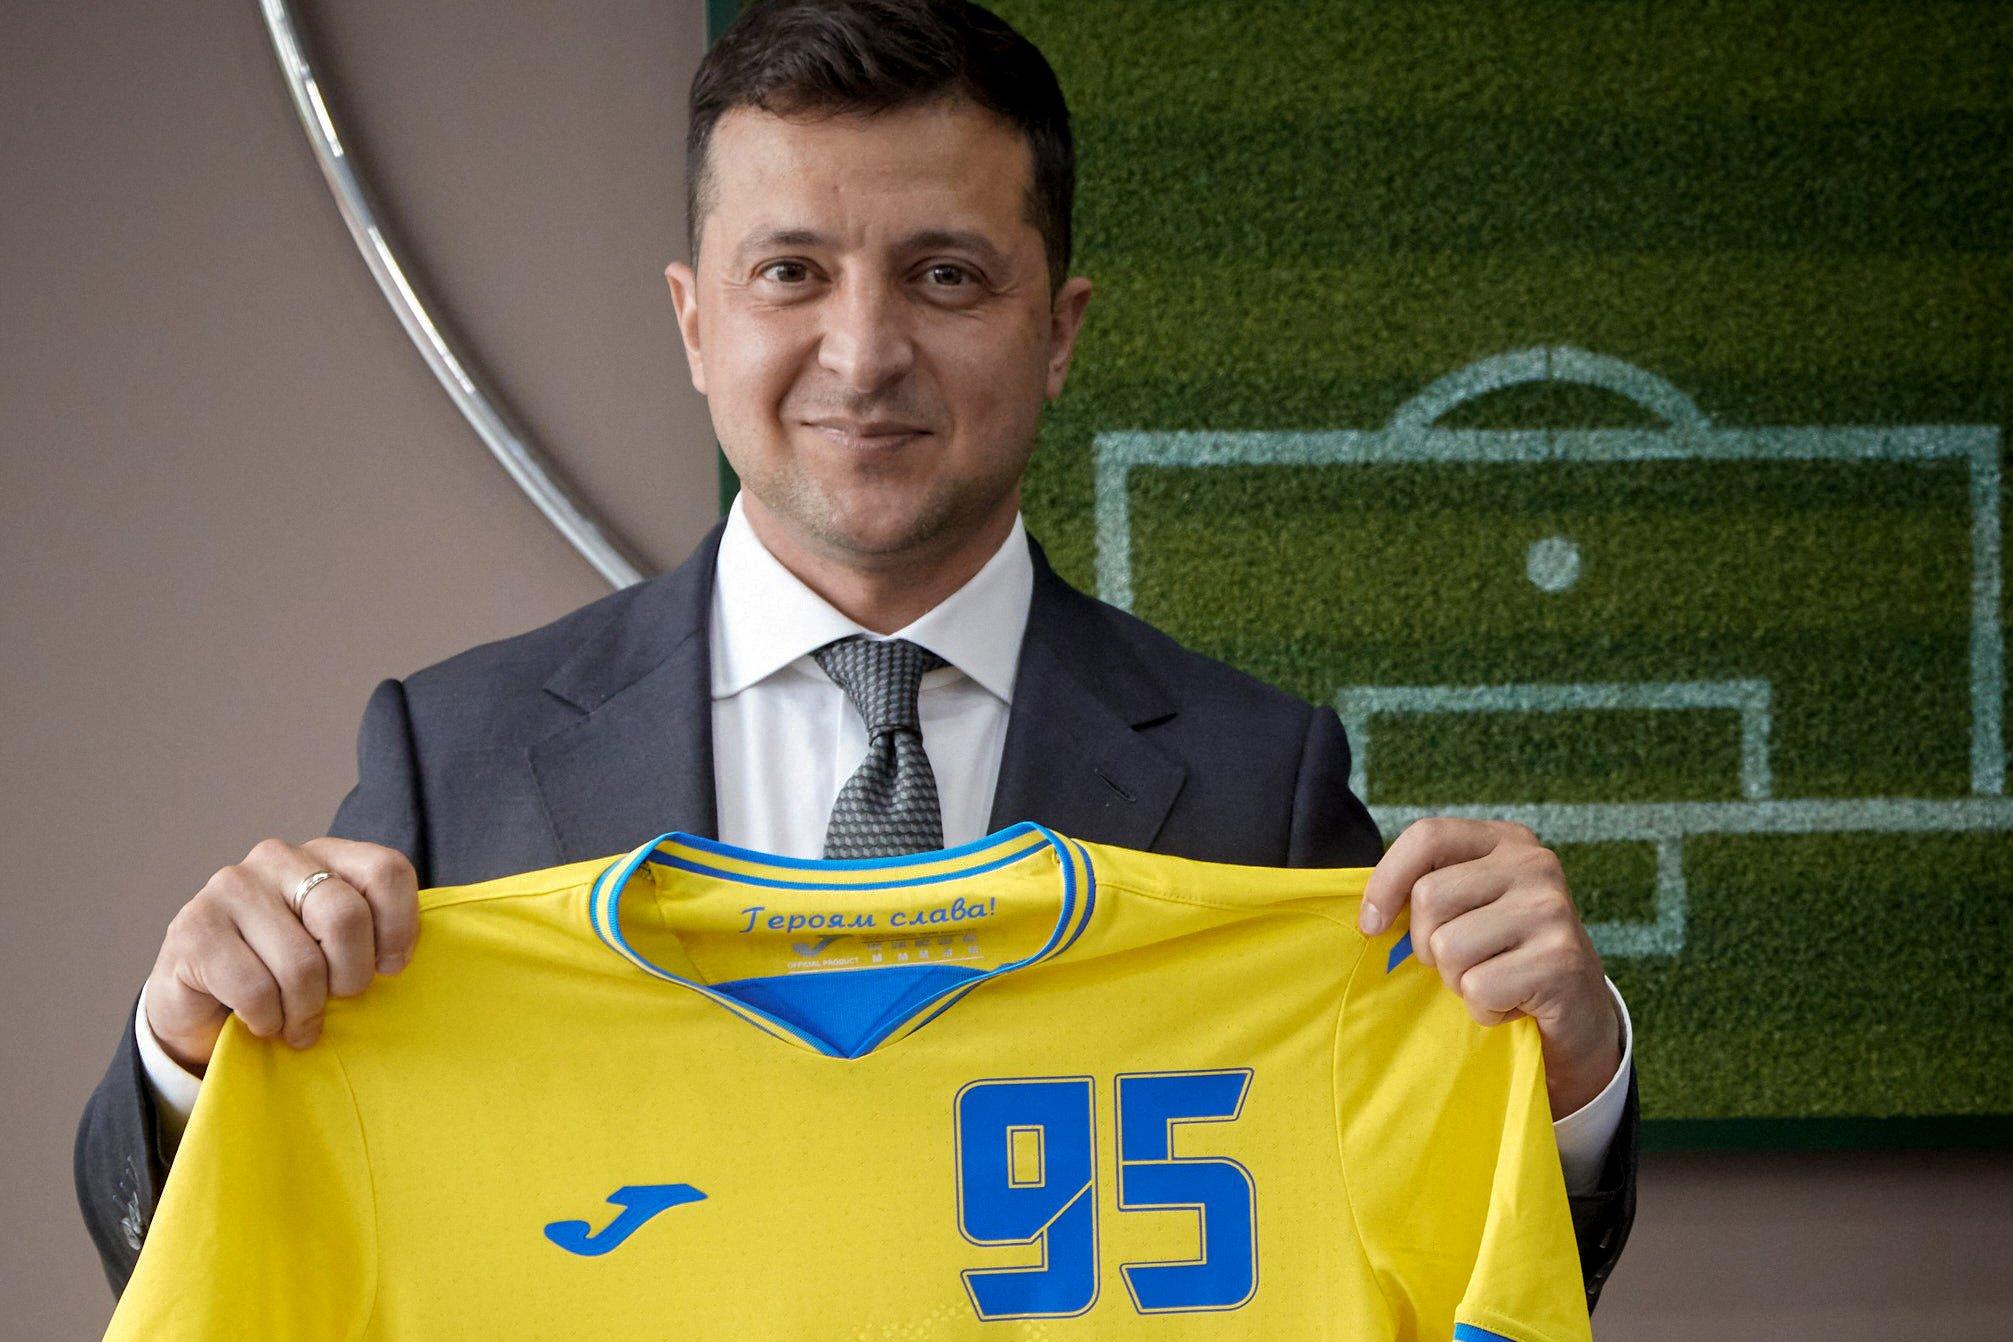 УЕФА попросил прикрыть слова «Героям слава!» на форме сборной Украины